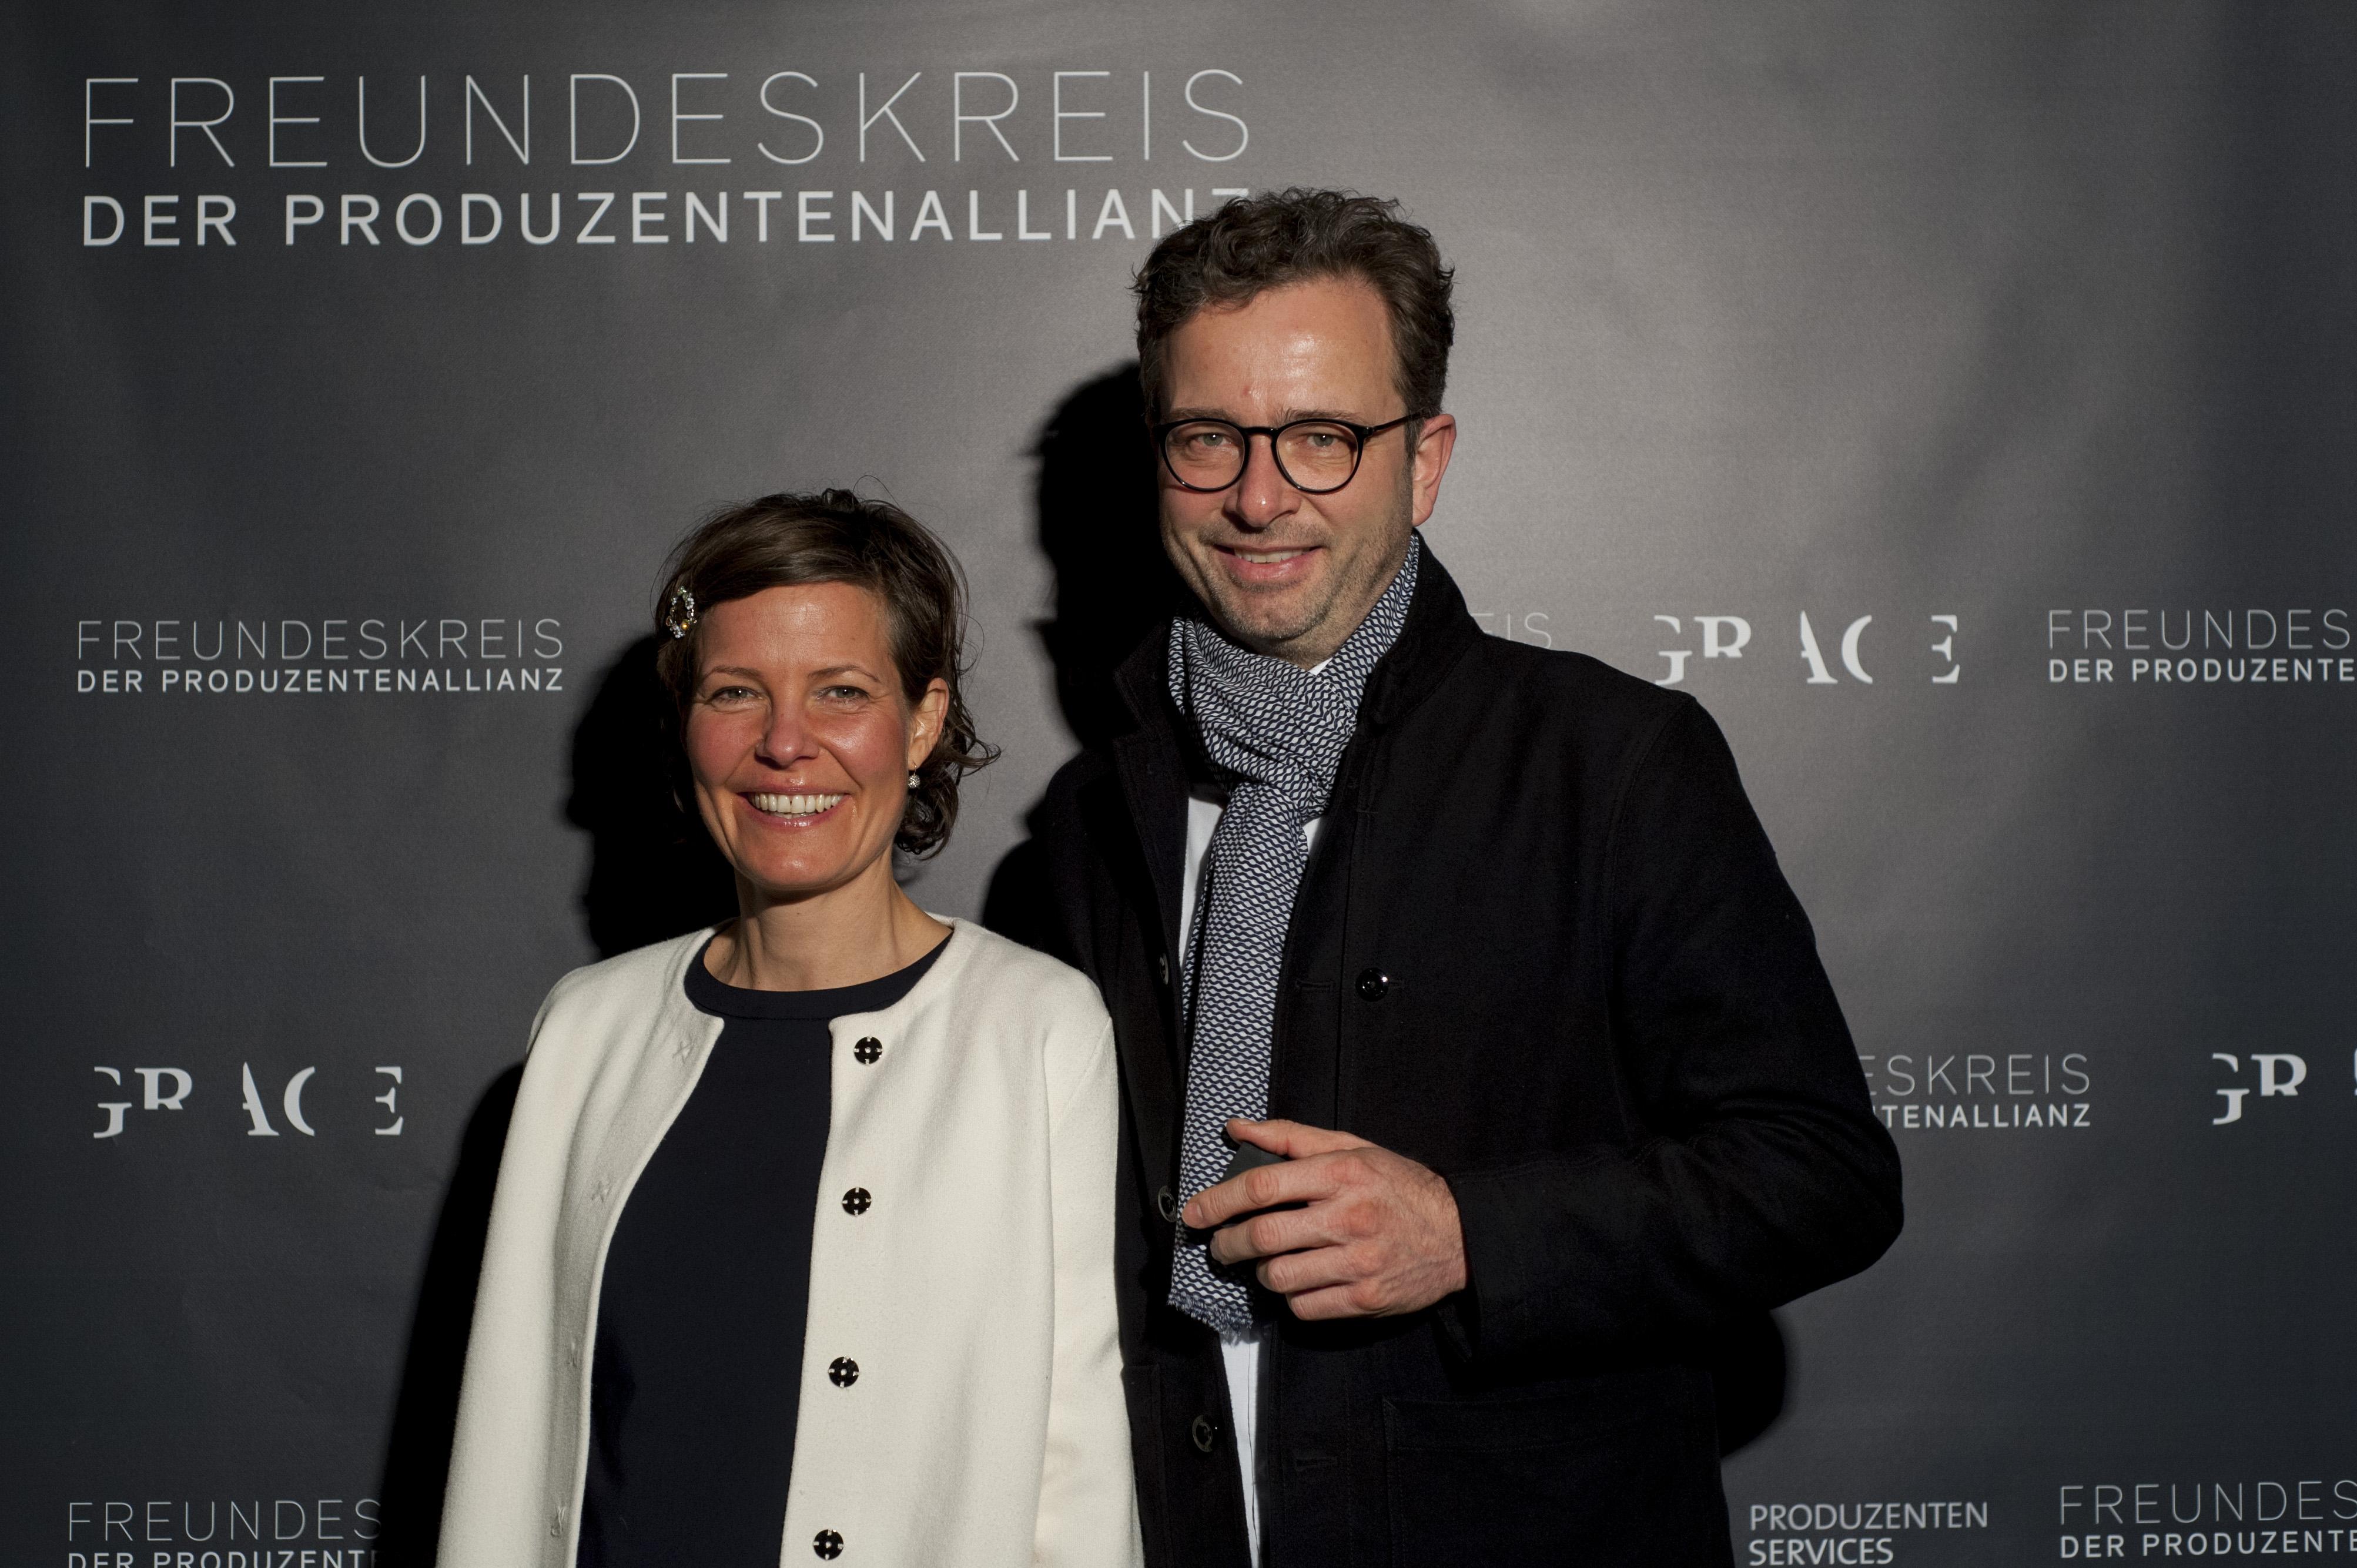 Freundeskreis Berlinale Dinner Produzentenallianz